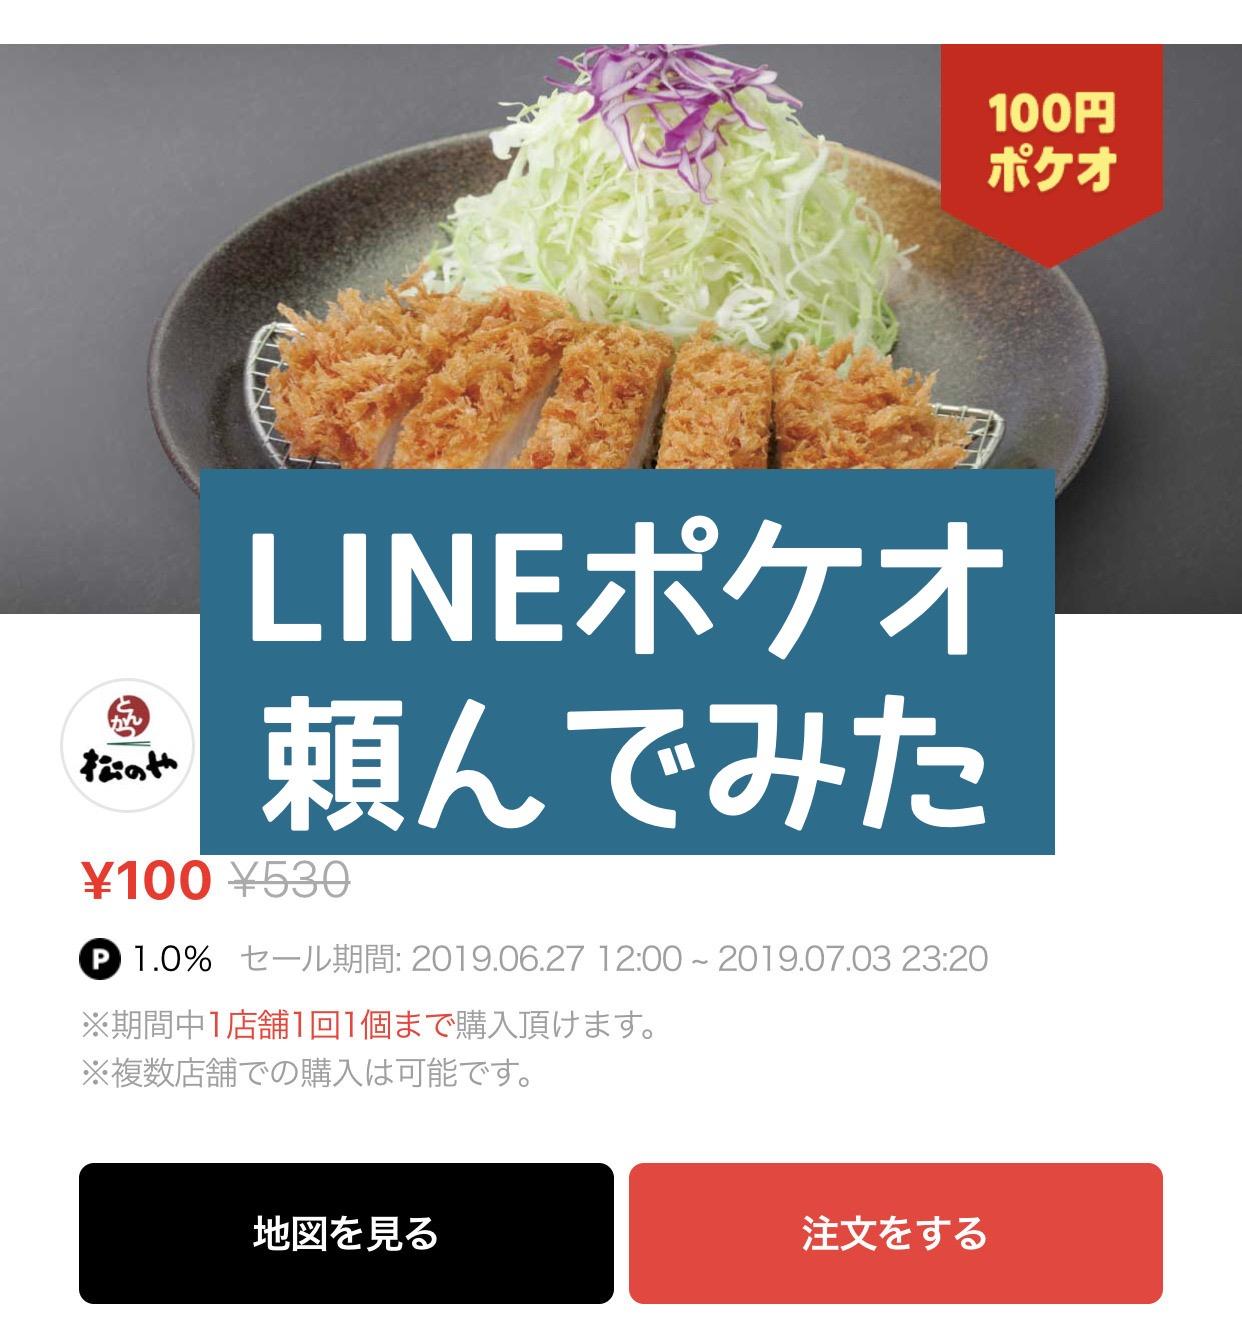 テイクアウトを事前に注文→店でピックアップ「LINEポケオ」の使い方